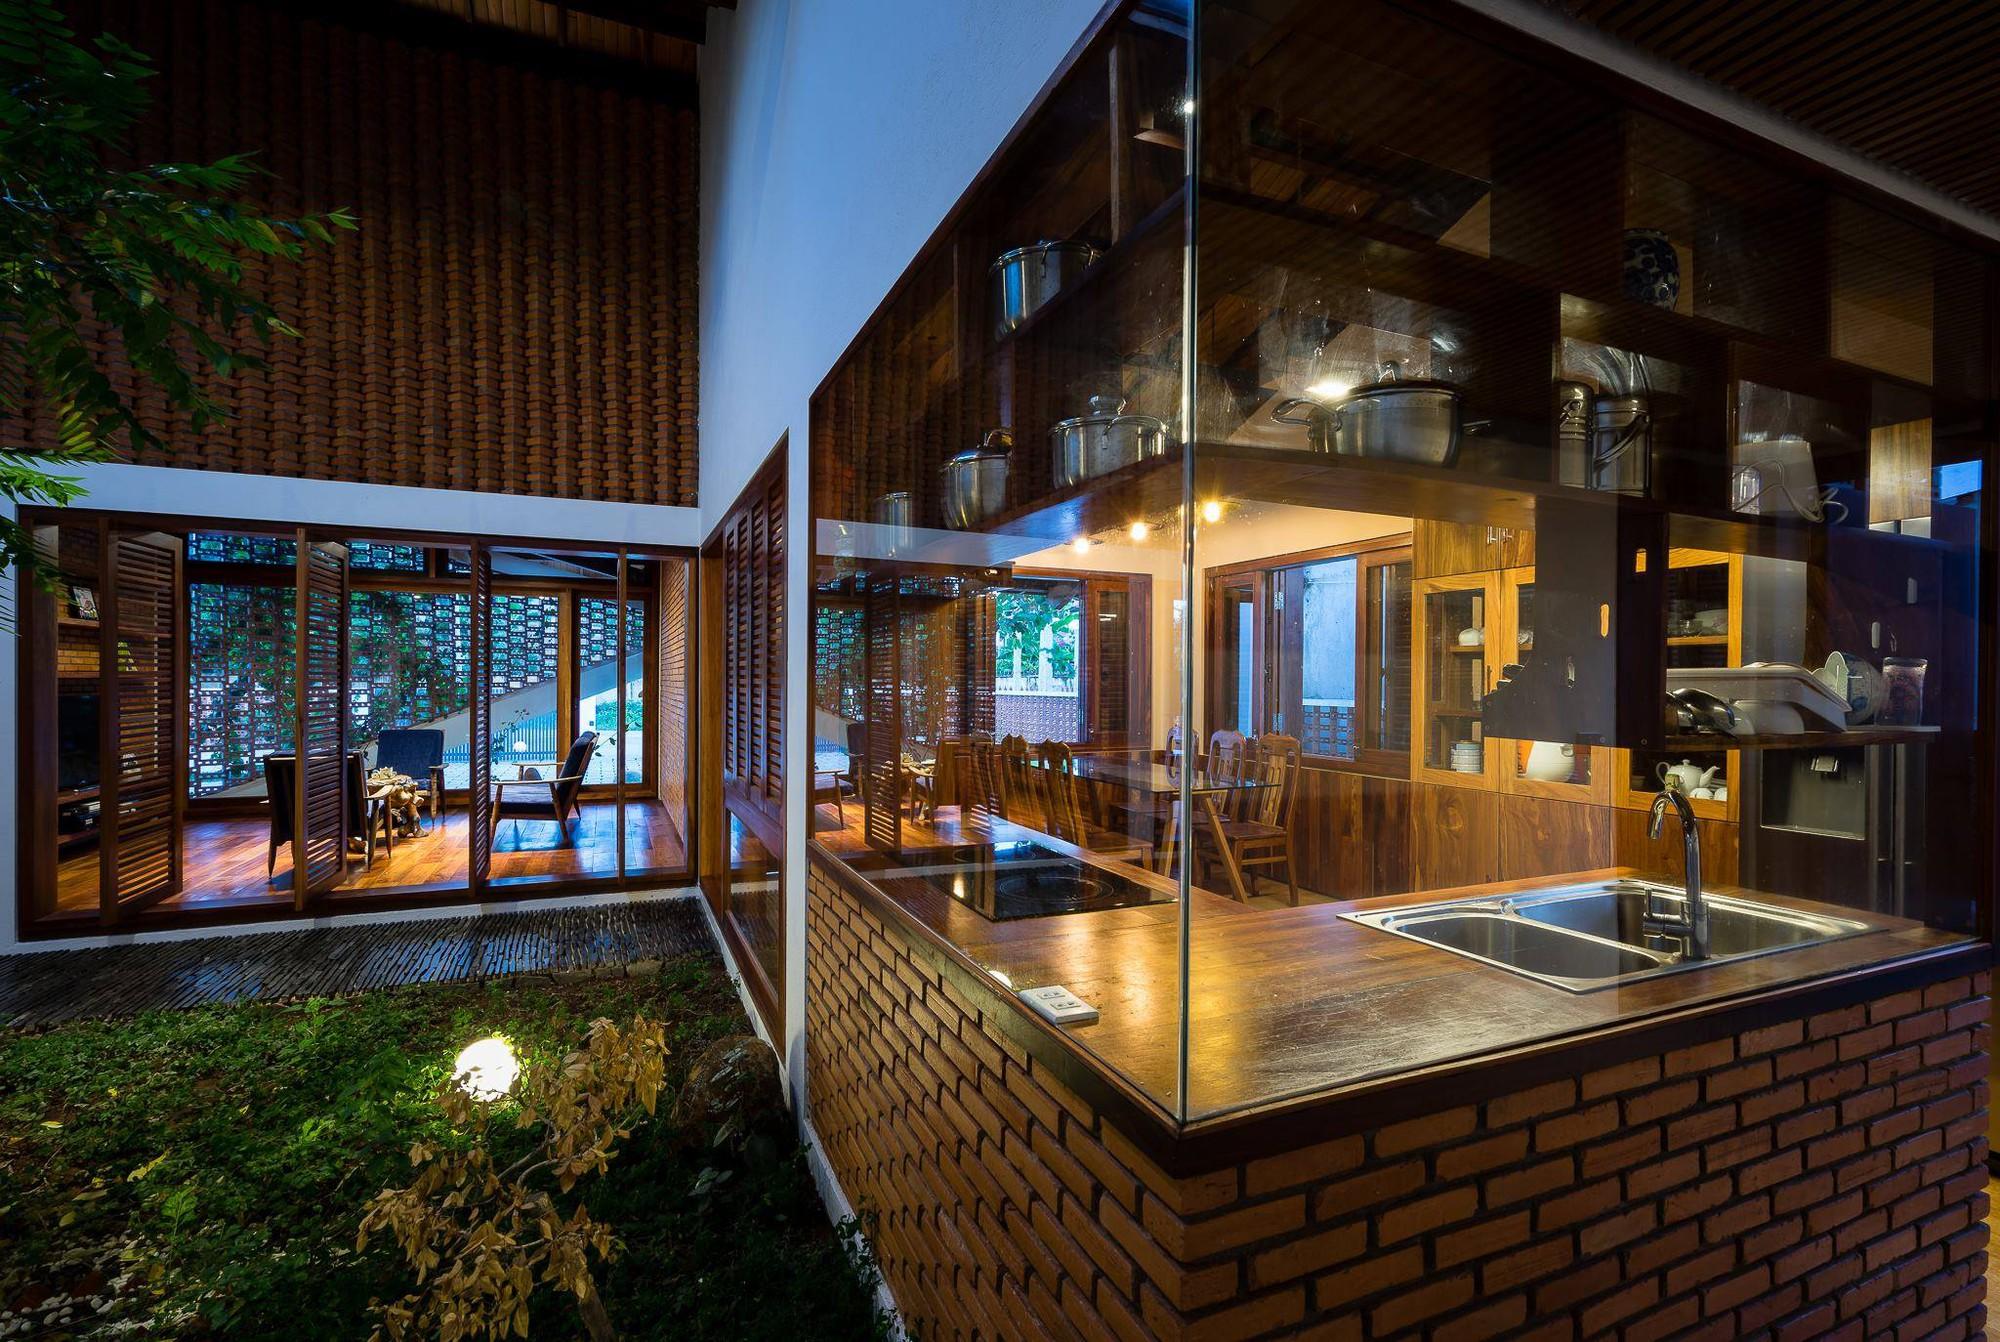 nha-dep-9-15317087448691757788084 Ngôi nhà mái ngói cấp 4 đẹp như resort khiến nhiều người ước mơ ở Lâm Đồng